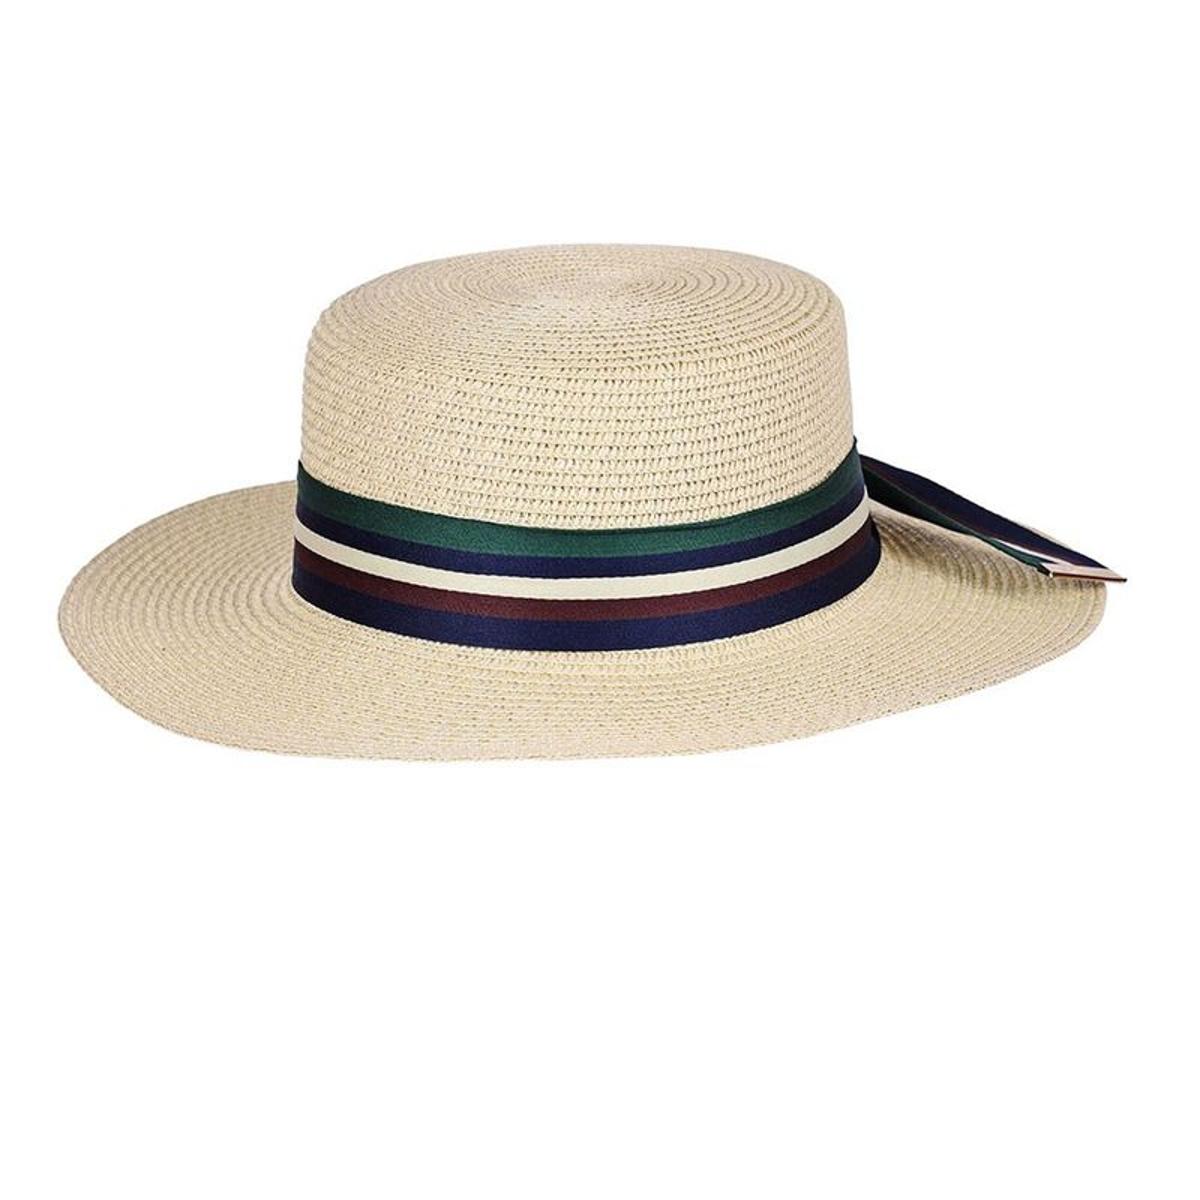 Chapeau canotier Matéo - Taille réglable